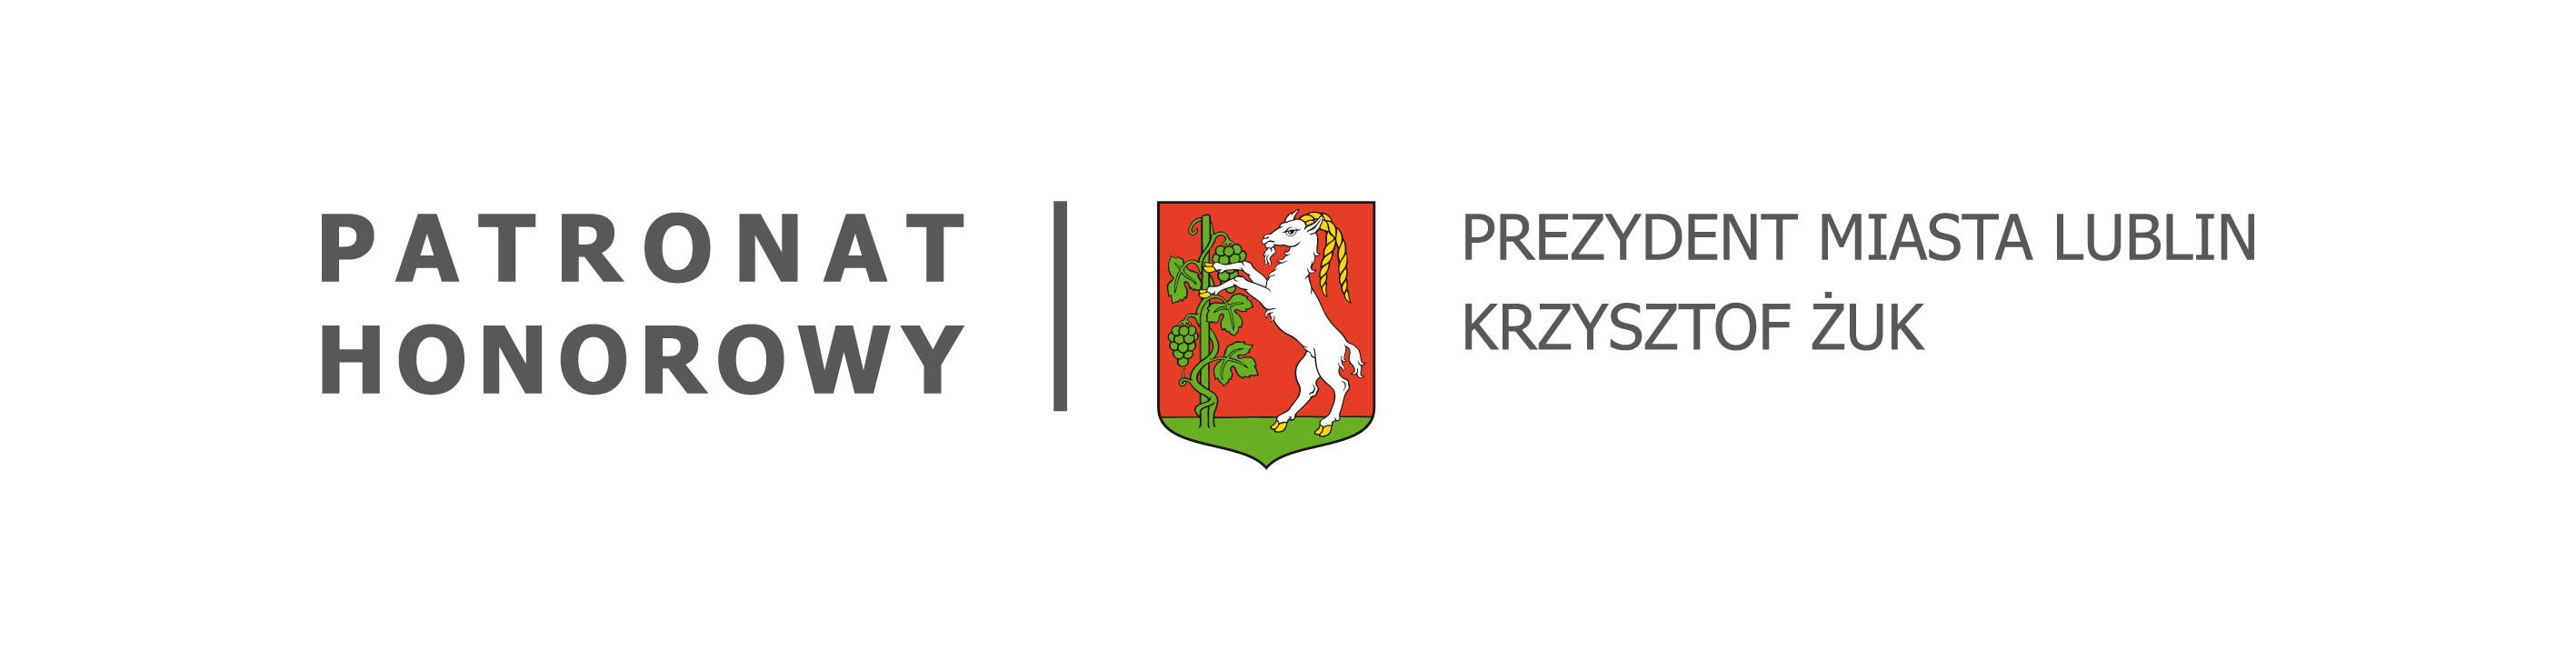 Patronat Honorowy, Prezydent Miasta Lublin Krzysztof Żuk